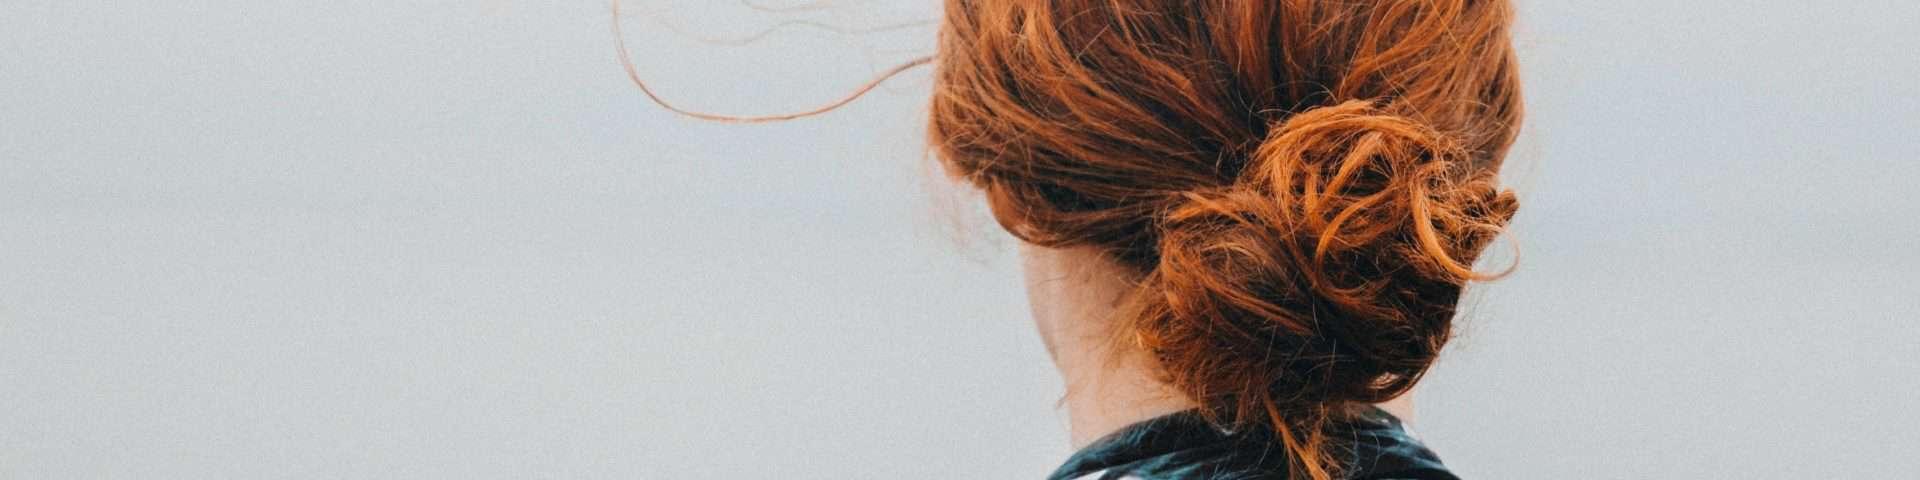 Gründe, warum Frauen in missbräuchlichen Beziehungen bleiben